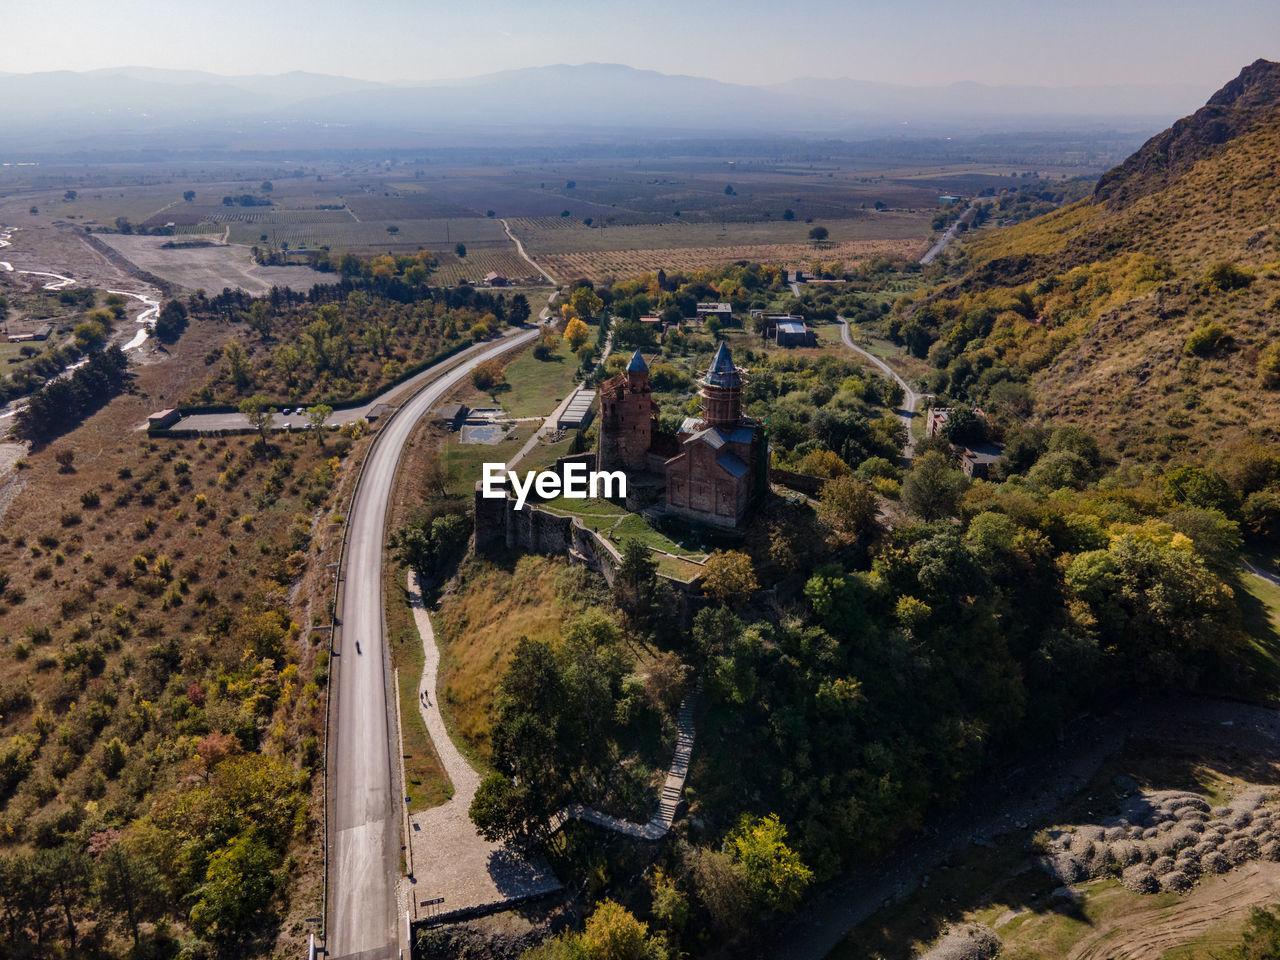 Gremi, kvareli, kakheti, georgia